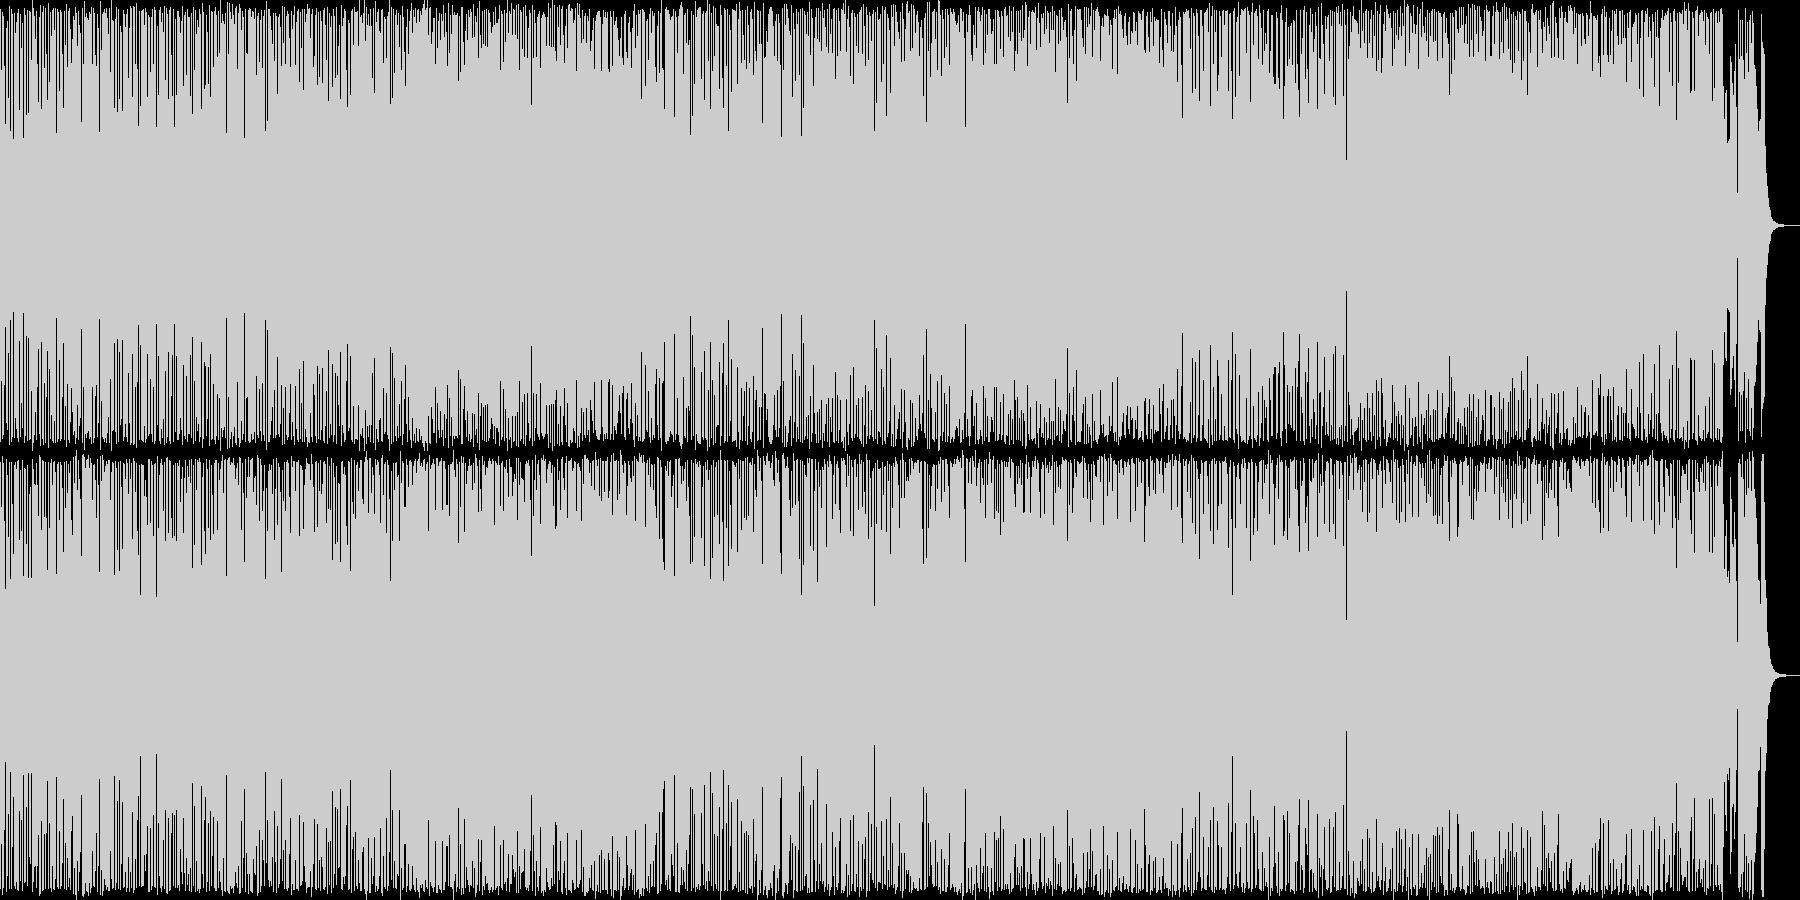 フットルース風のアメリカンロックの未再生の波形